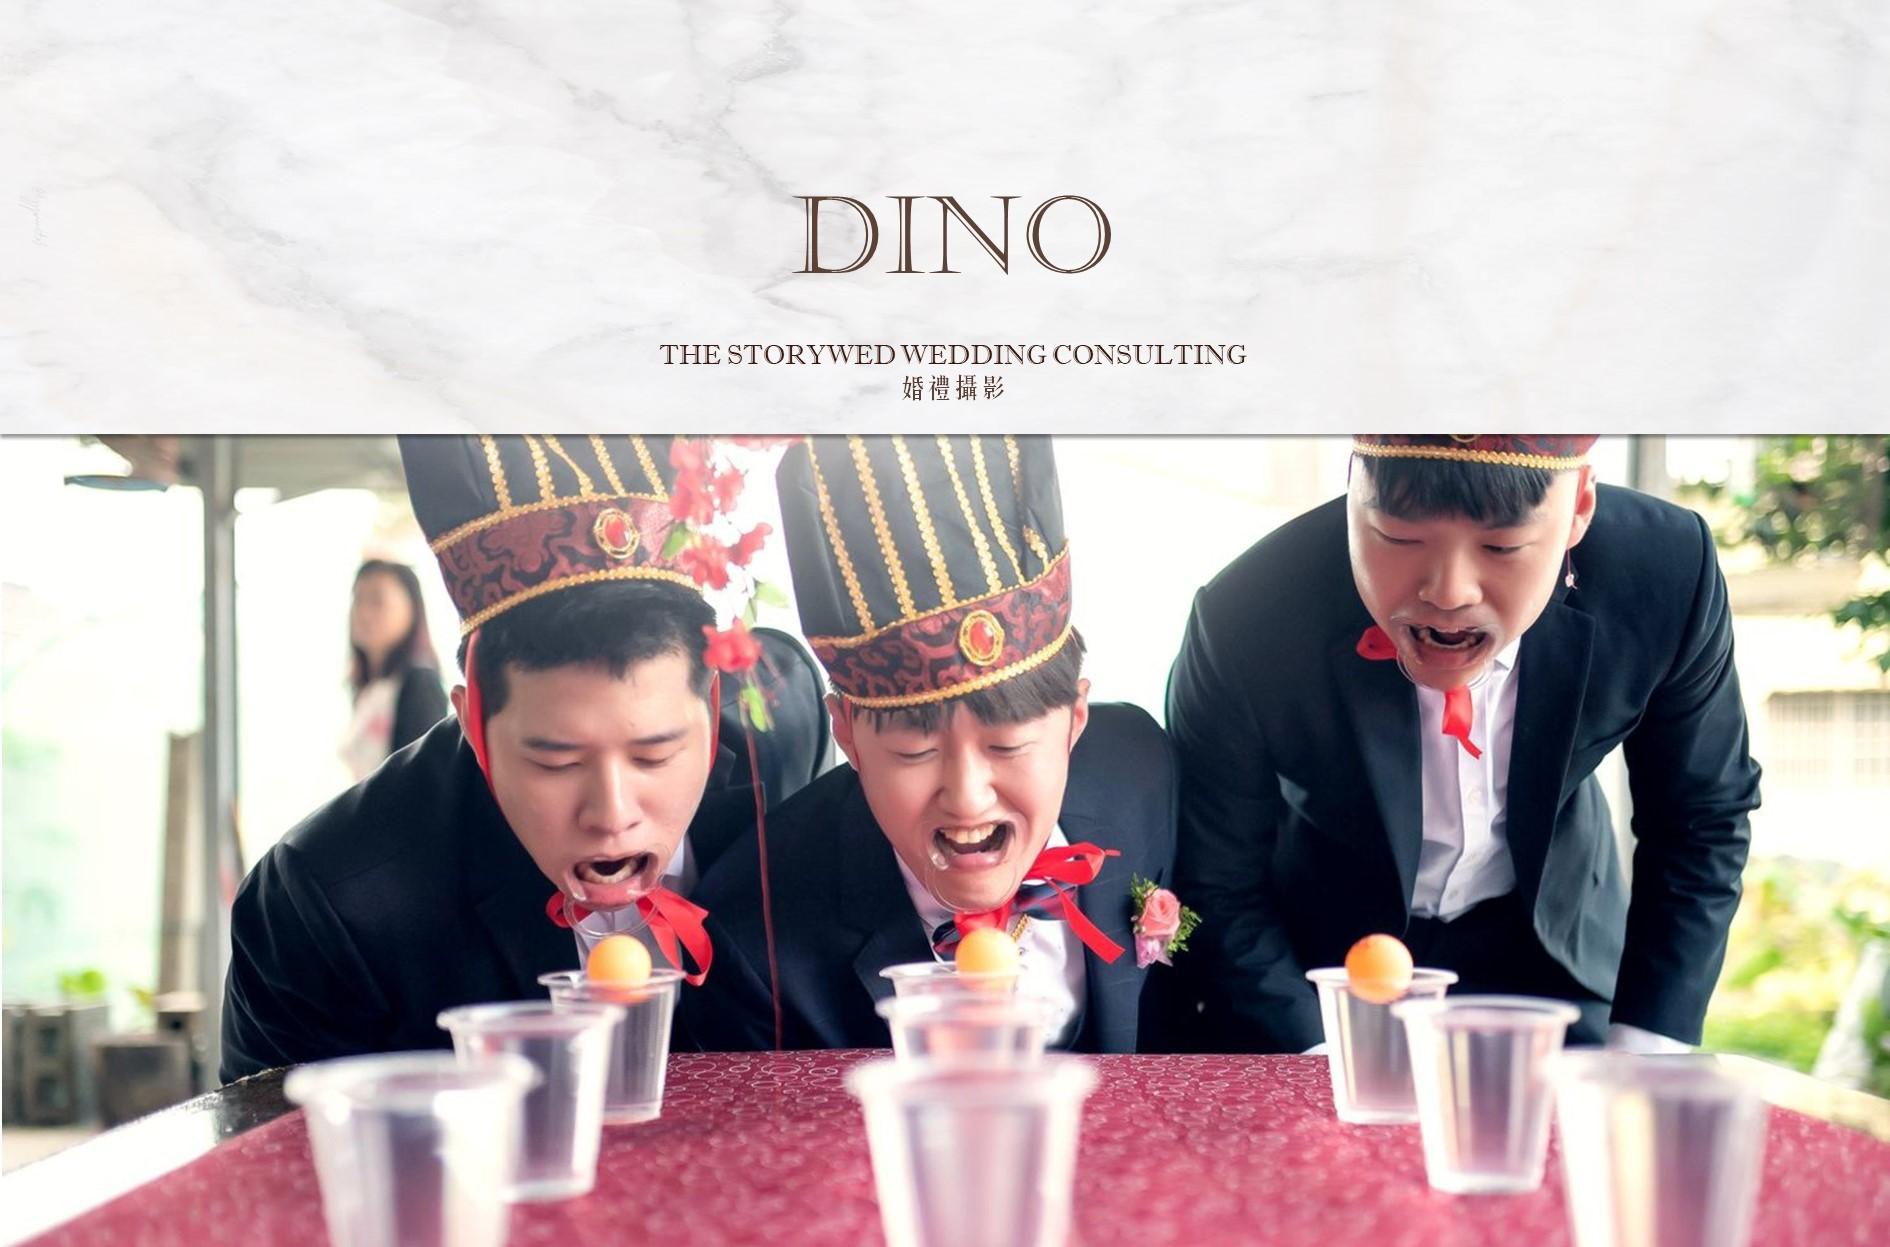 〖婚禮攝影〗DINO